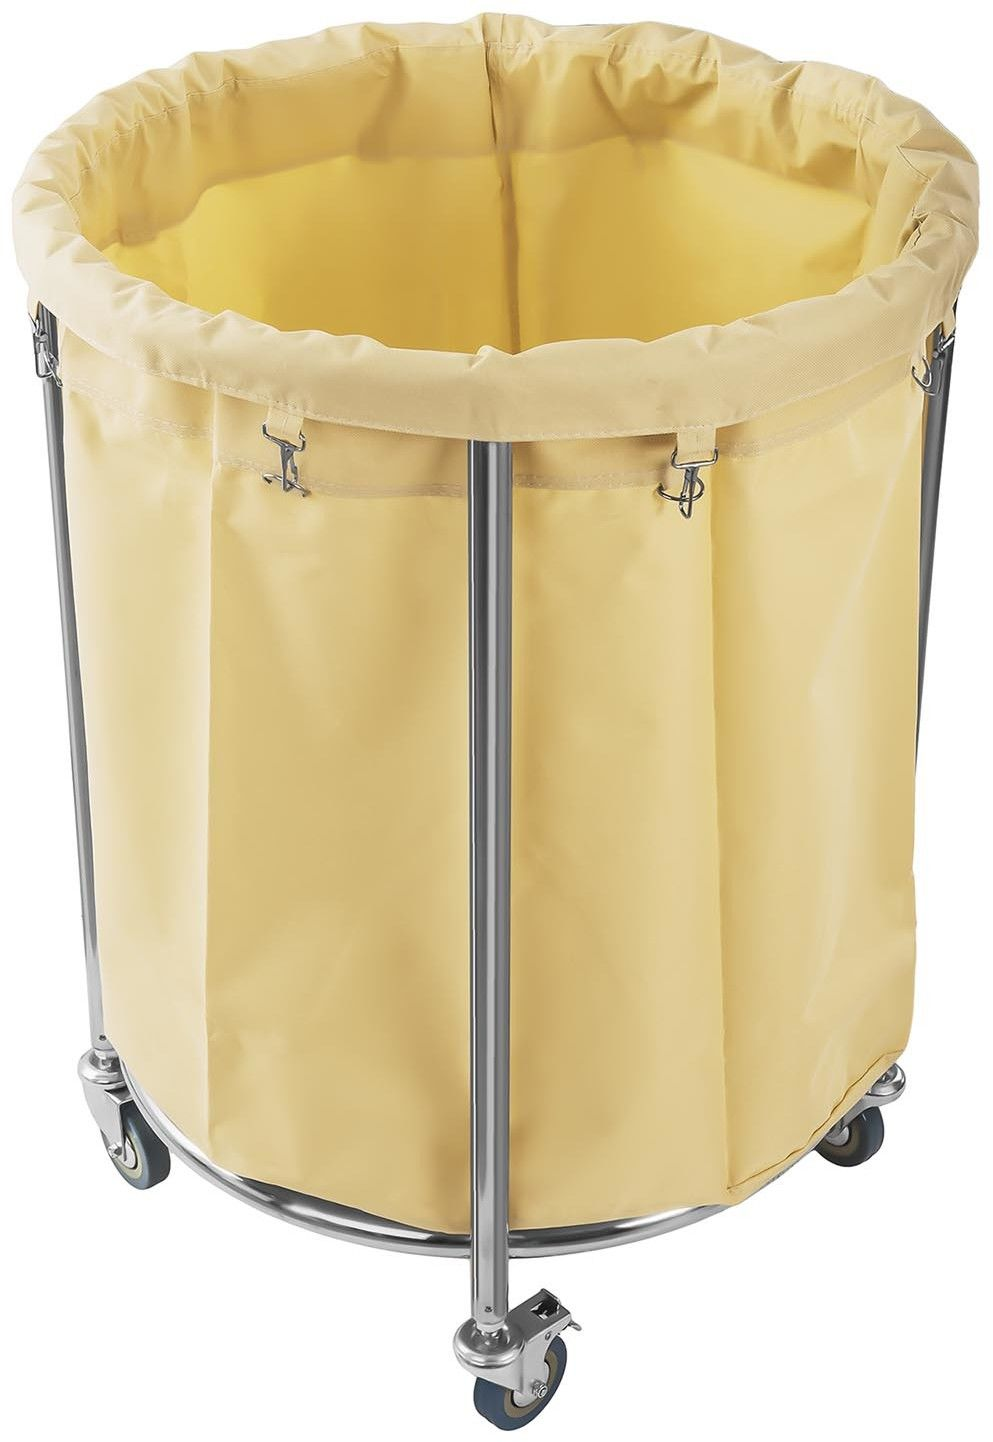 Wózek na pranie Royal Catering RCWW 2 230l - RCWW 2 - 3 LATA GWARANCJI / WYSYŁKA W 24H ZA 0 ZŁ!